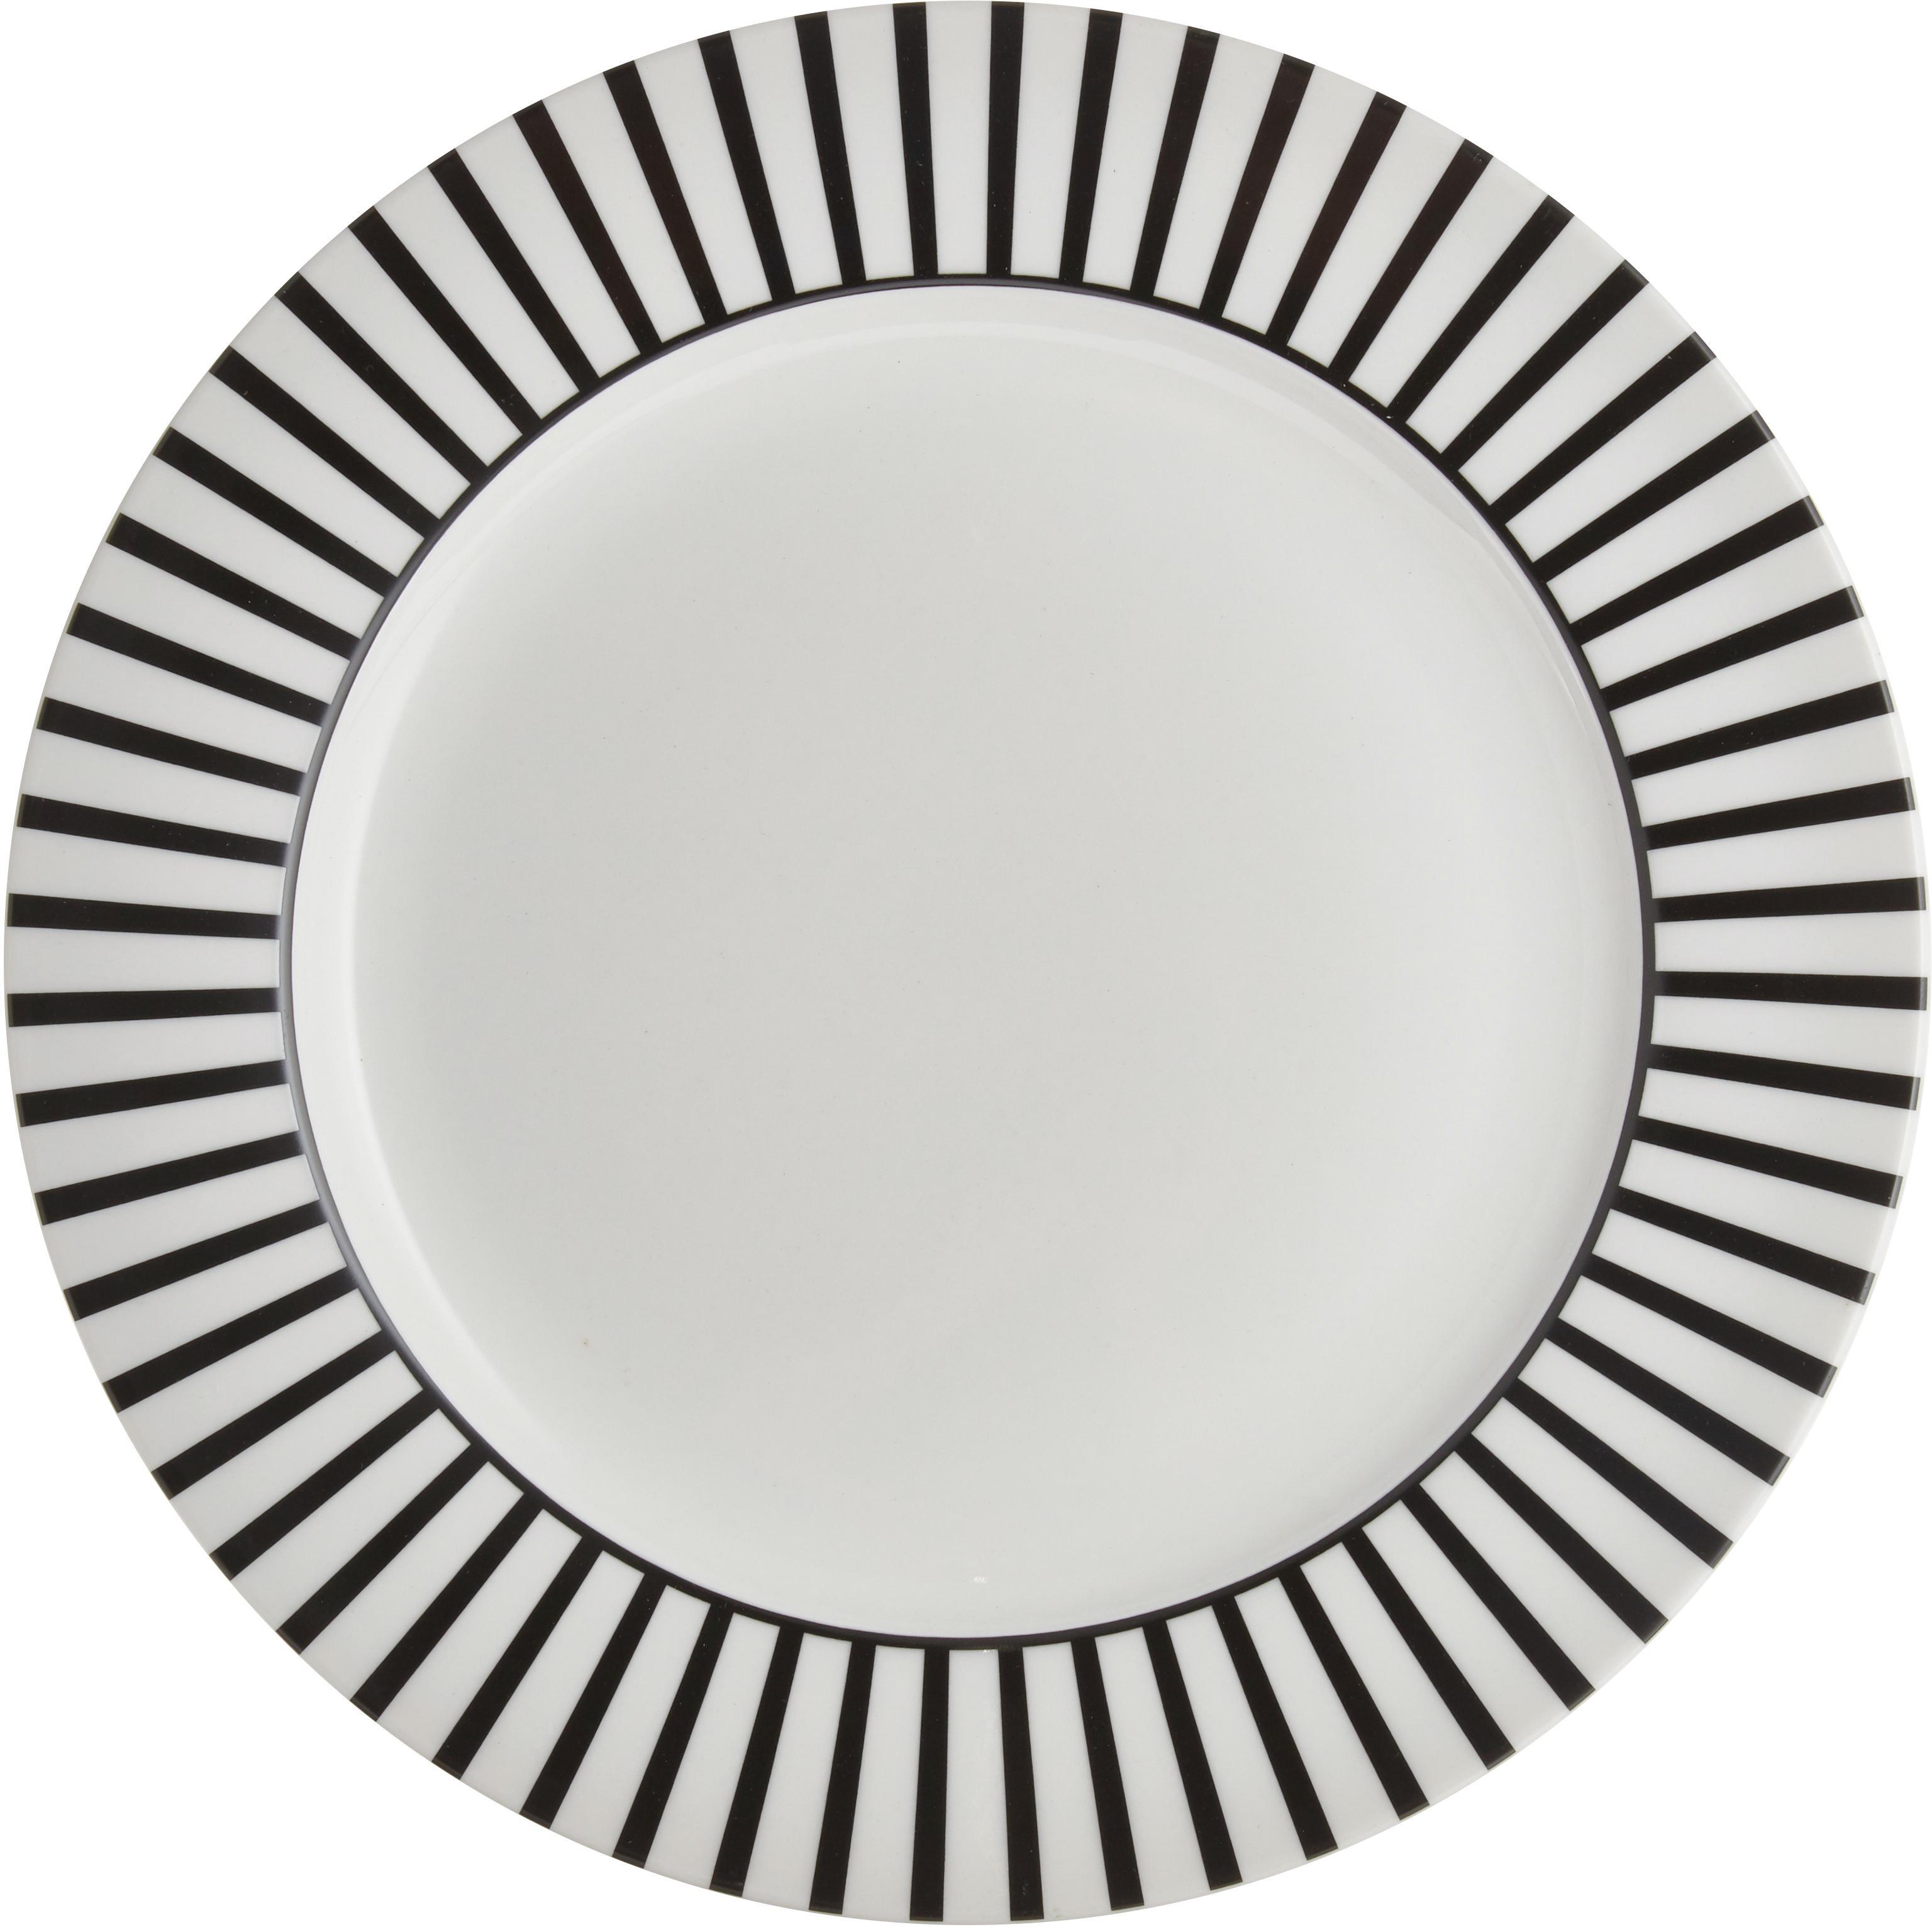 Platzteller Ceres Loft mit Streifendekor in Schwarz/Weiss, 4 Stück, Porzellan, Weiss, Schwarz, Ø 30 x H 2 cm